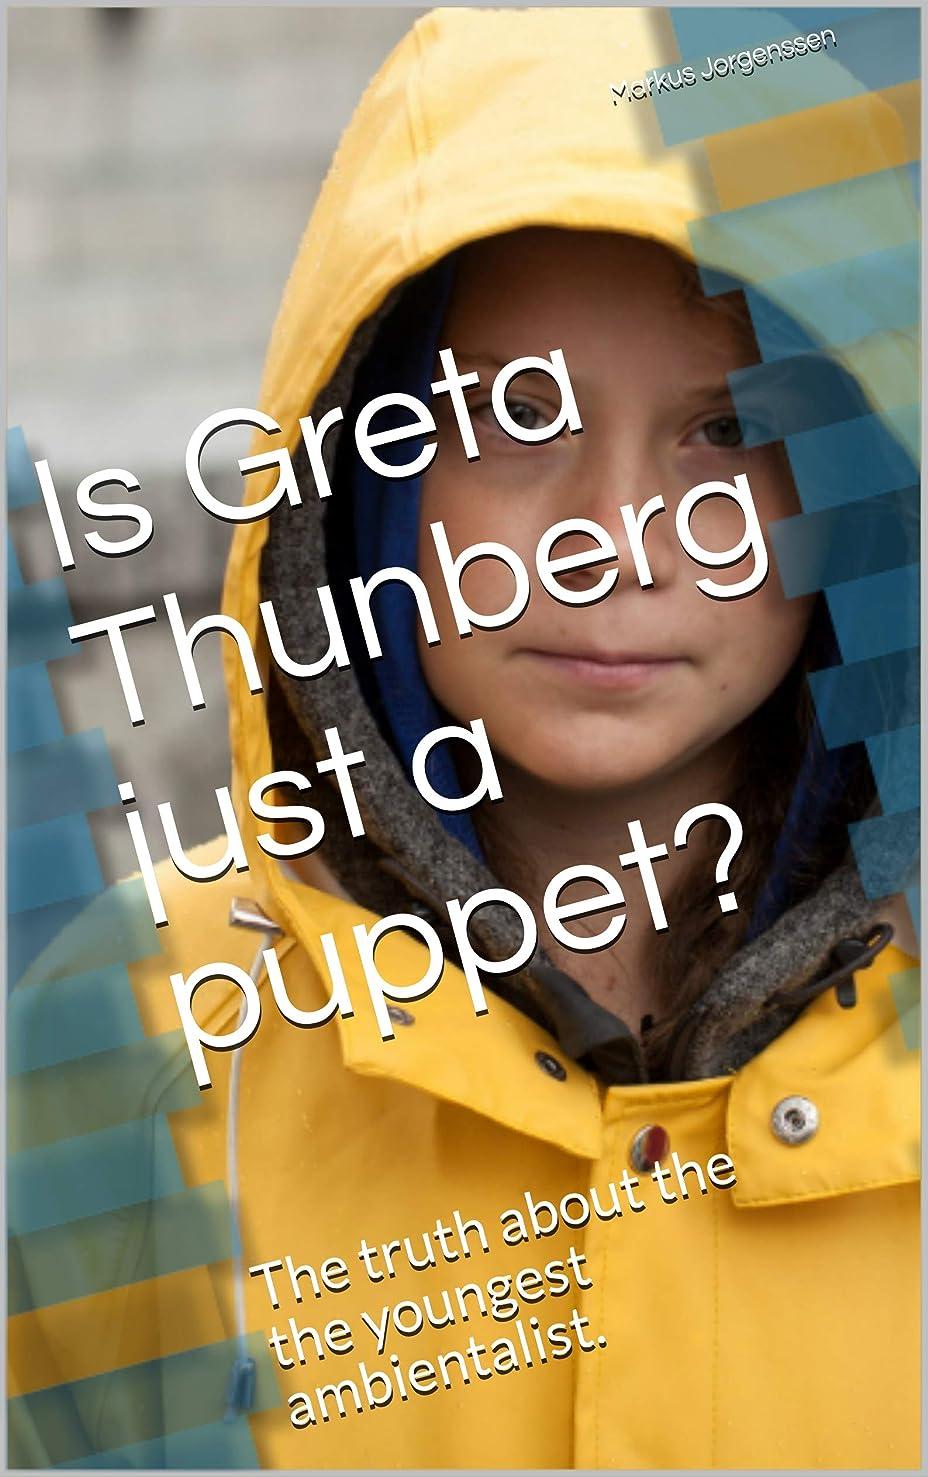 かもしれない貨物パテIs Greta Thunberg just a puppet?: The truth about the the youngest ambientalist. (English Edition)